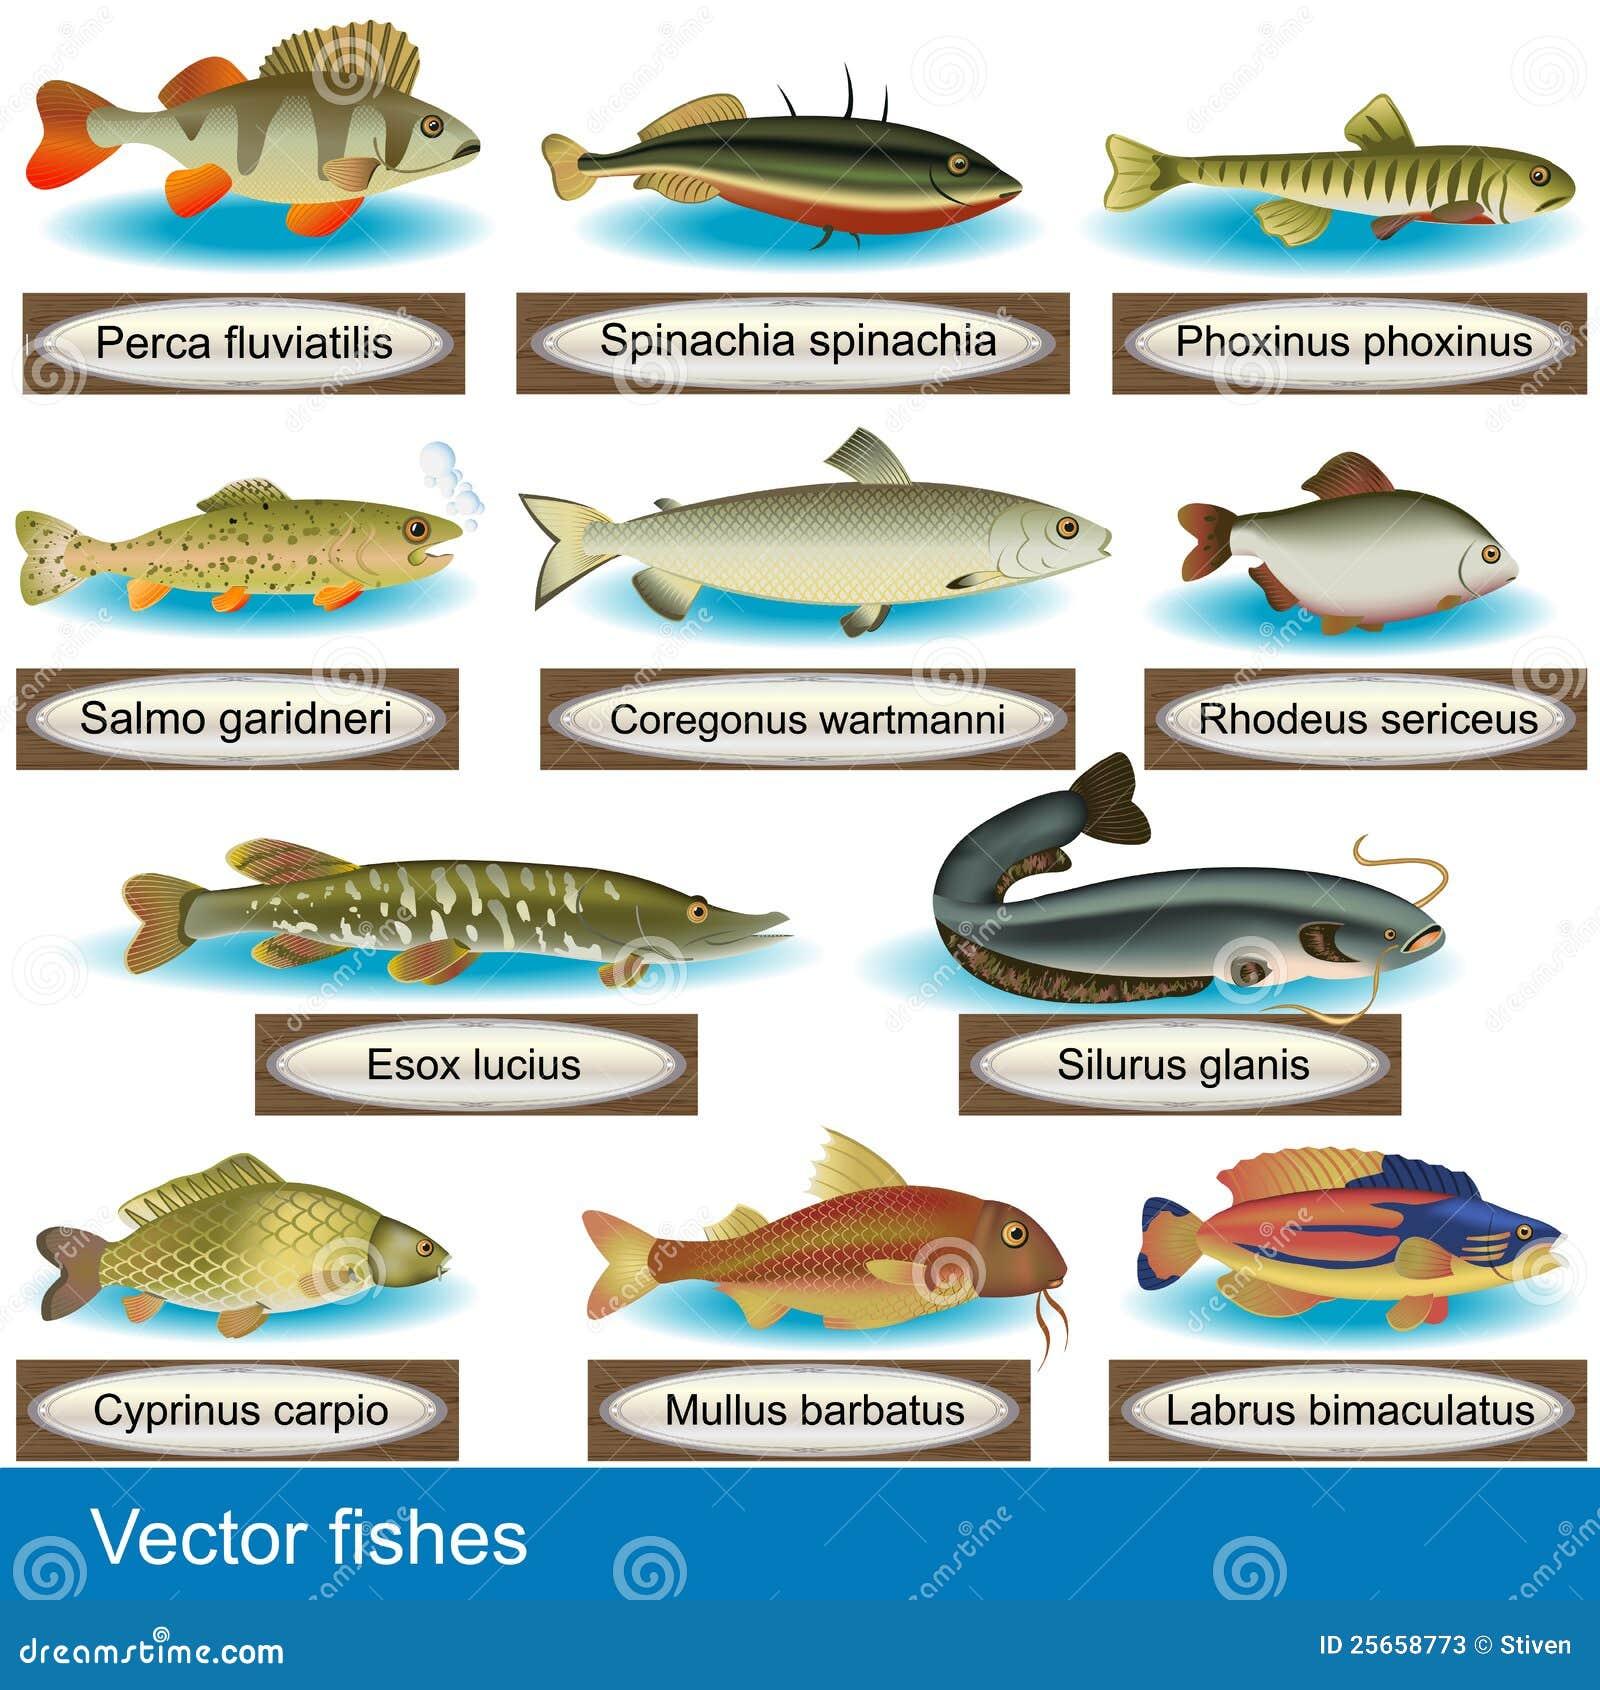 Ilustração do tipo diferente dos peixes, junto com seus nomes Latin.